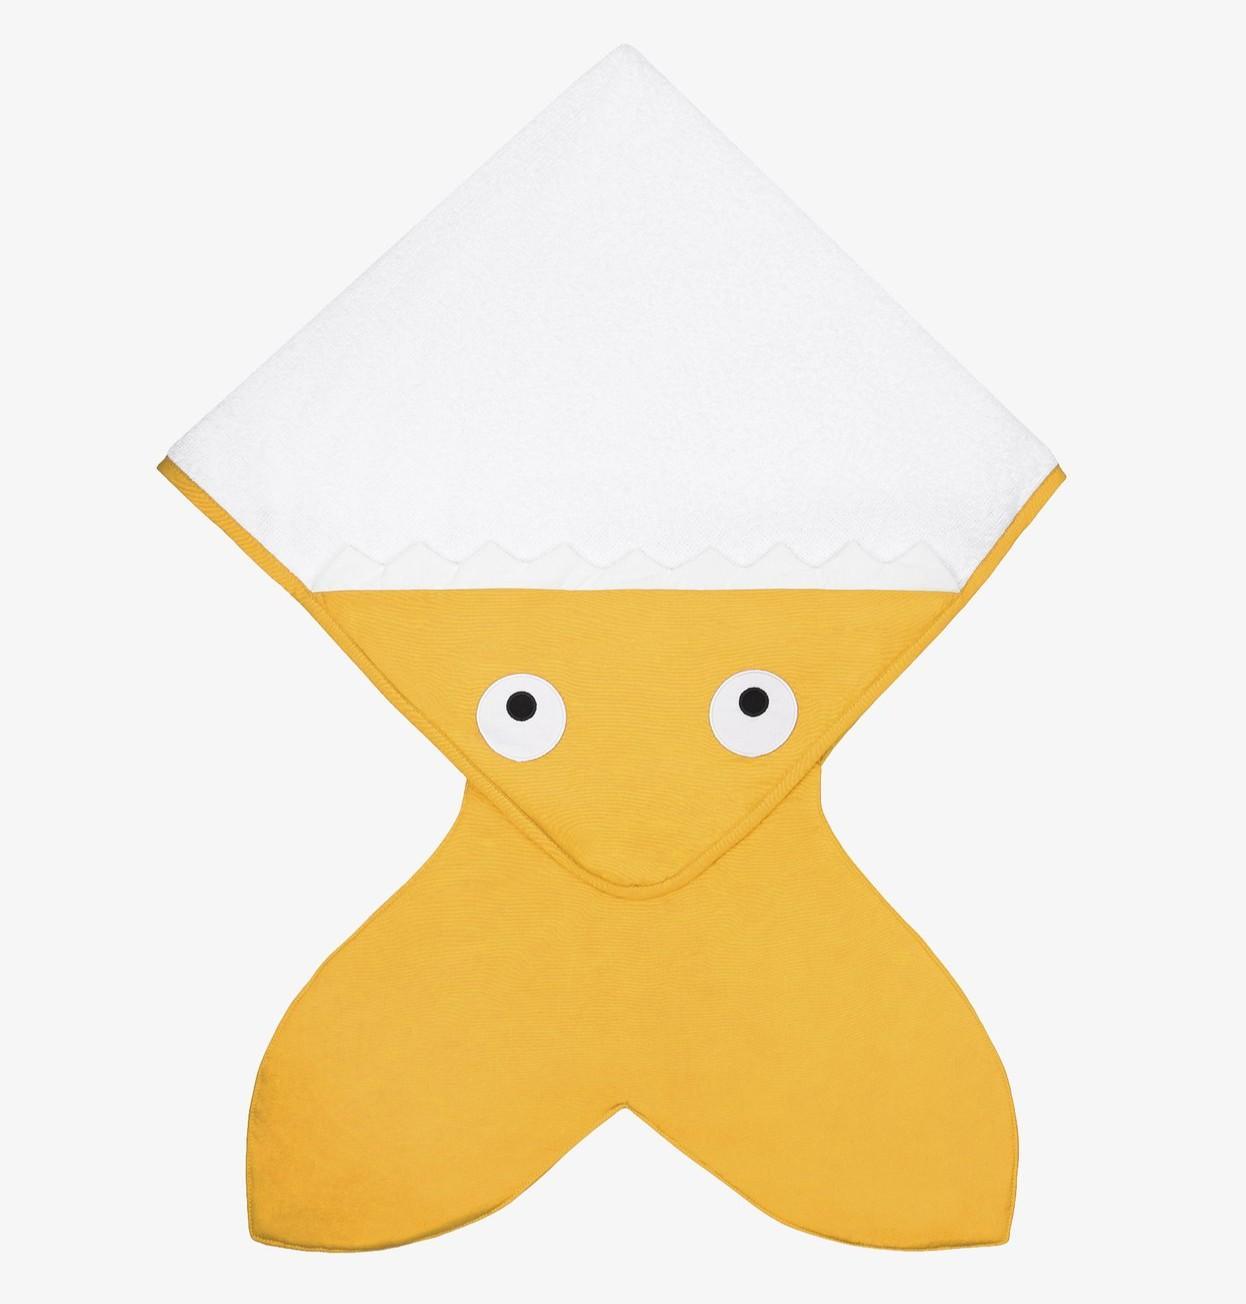 Baby Bites - Handdoek 75X75cm - Yellow Mustard